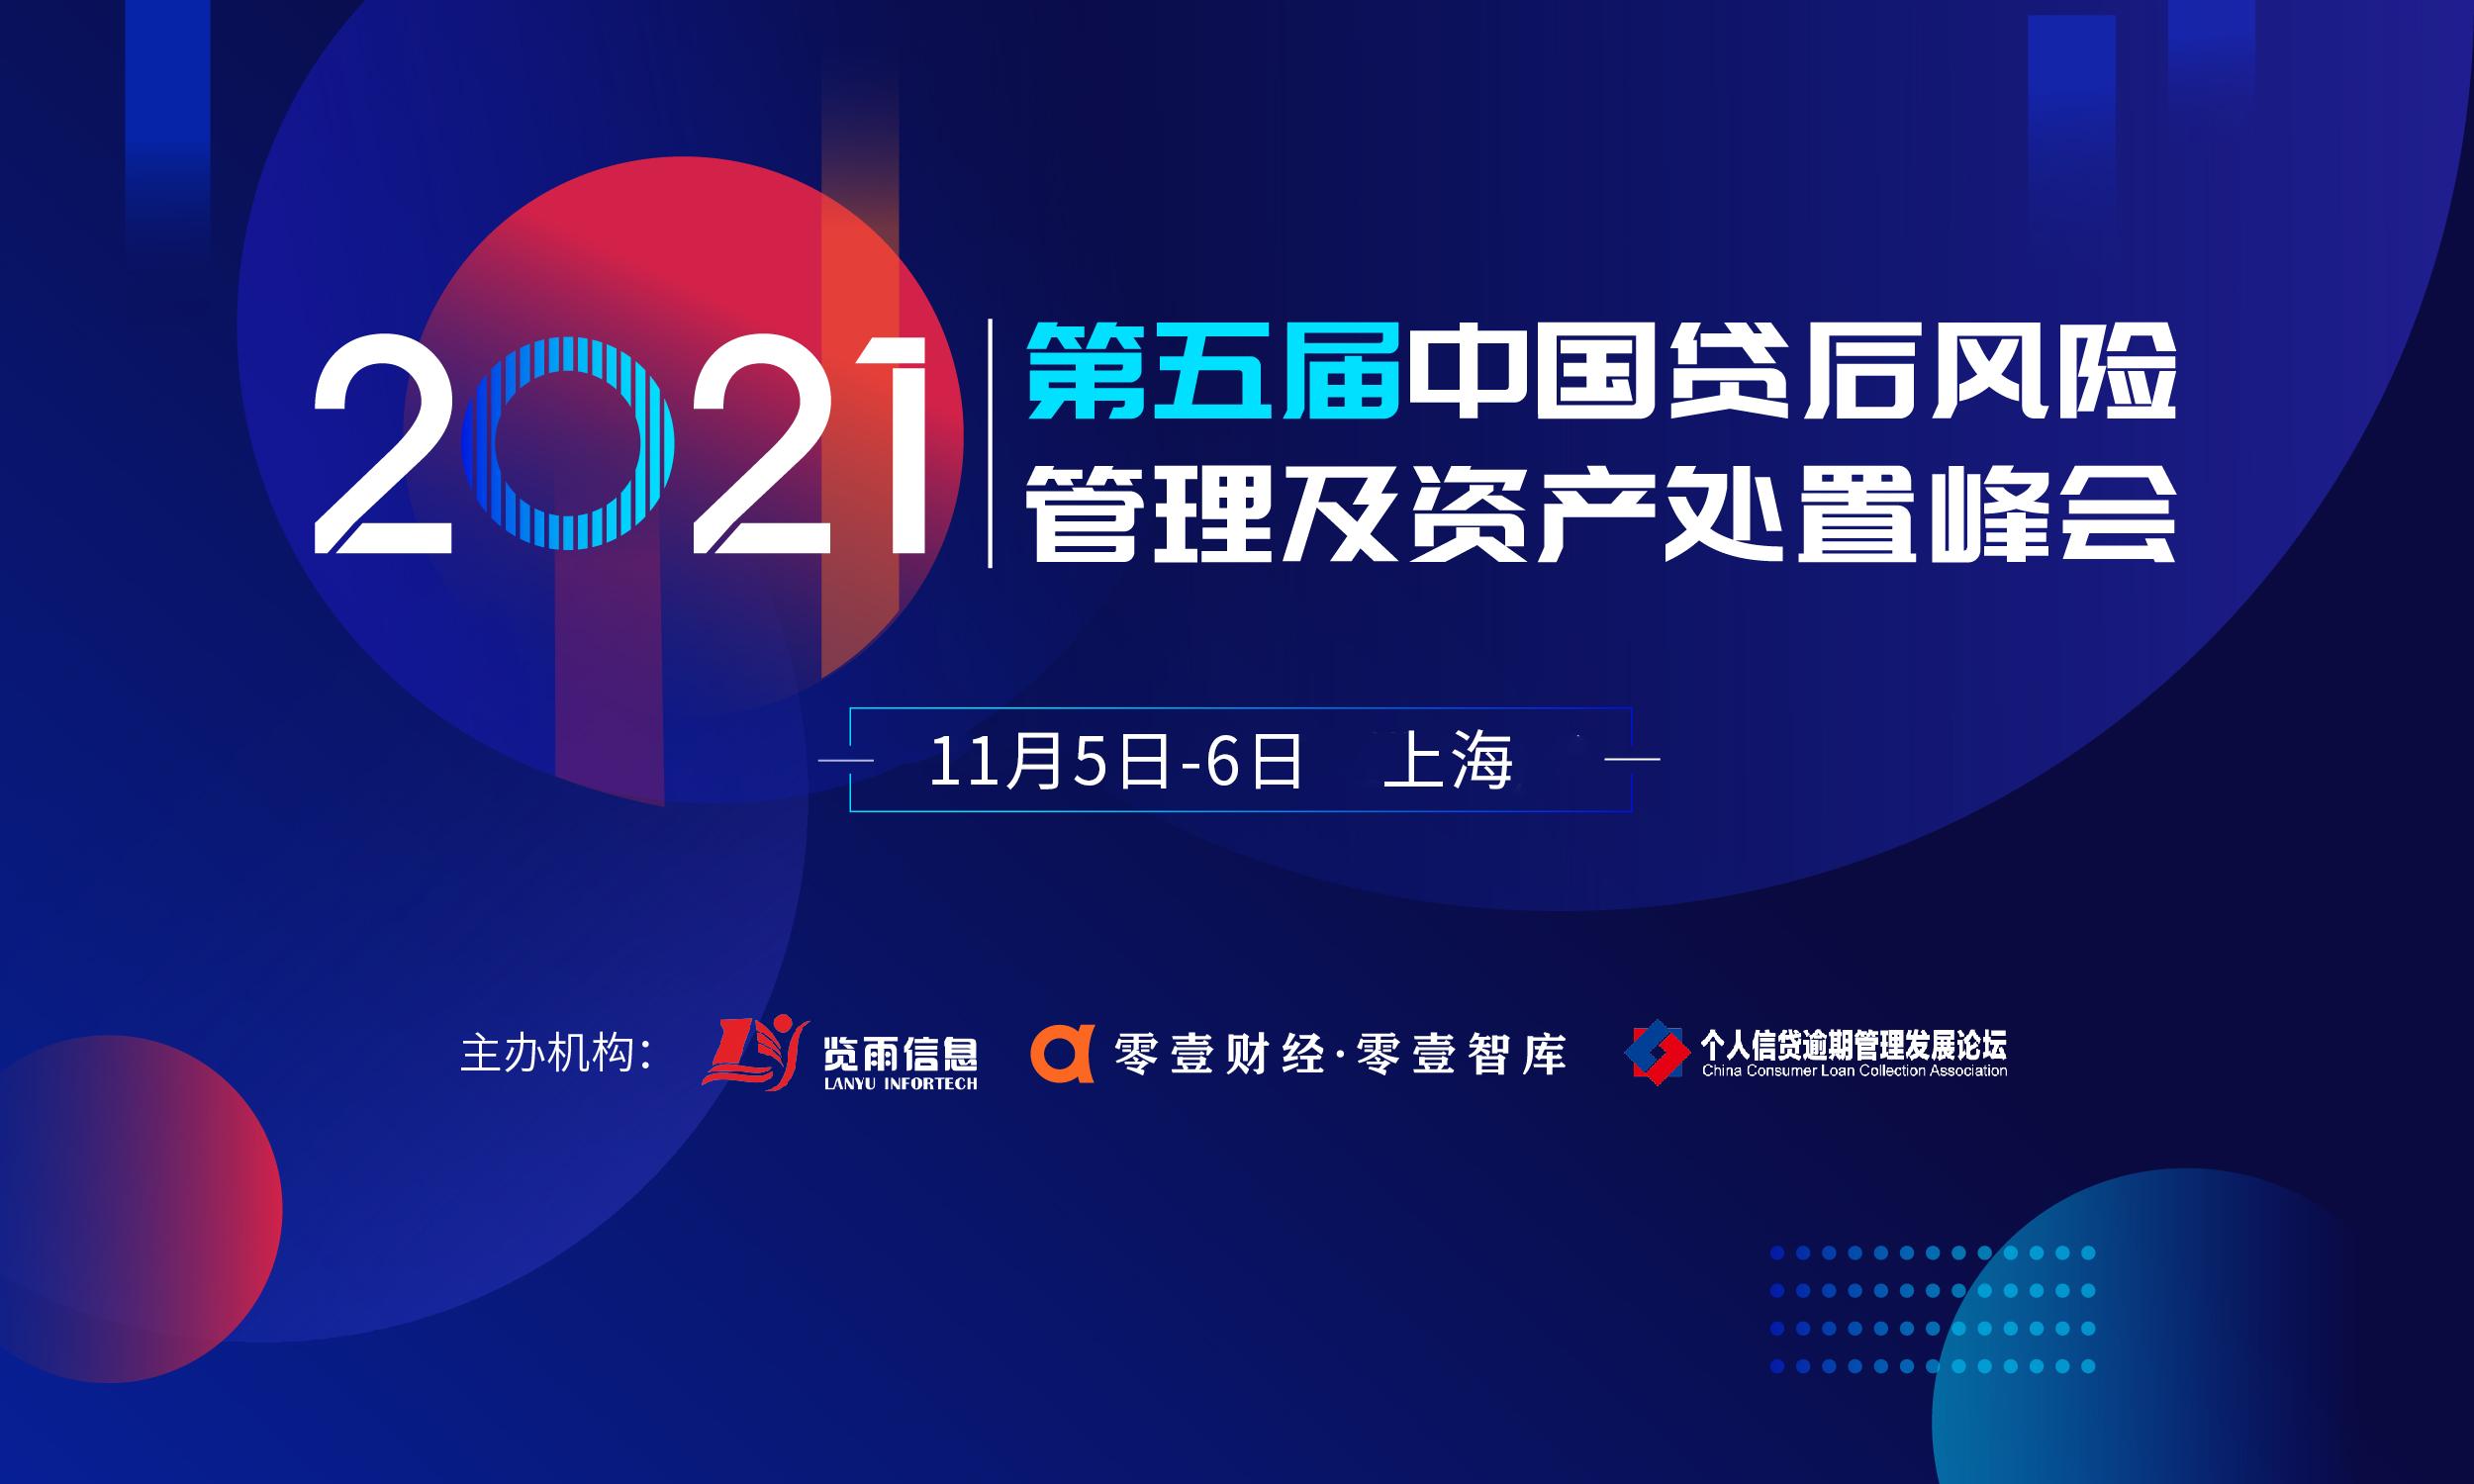 倒计时丨2021第五届中国贷后风险管理及资产处置峰会11月5日将于上海召开